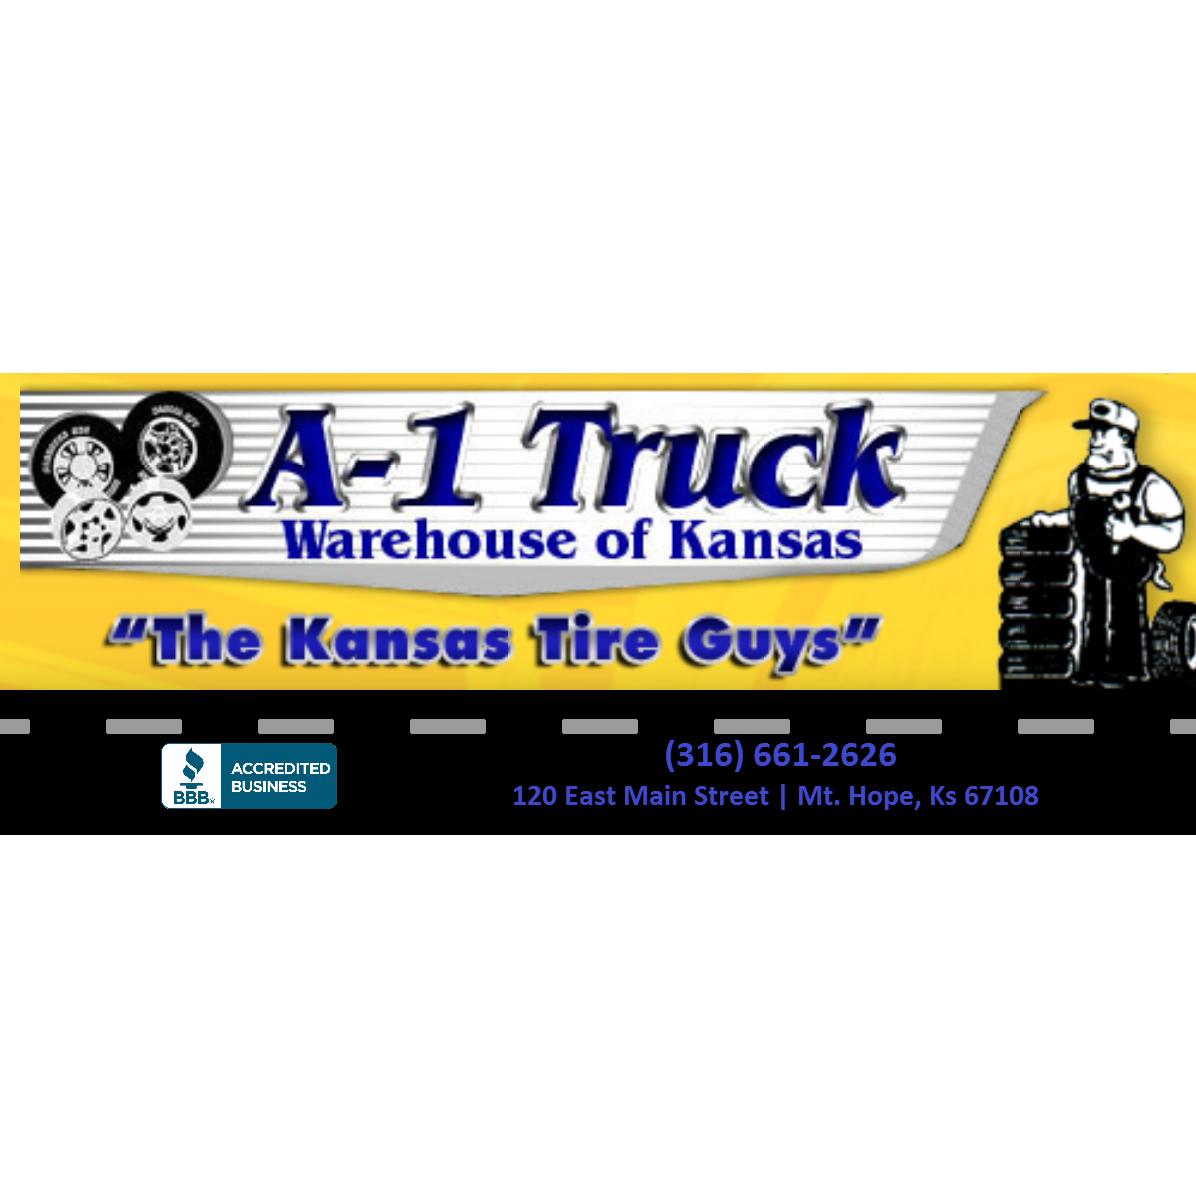 A1 Truck Warehouse of Kansas/ Kansas Tire Guys